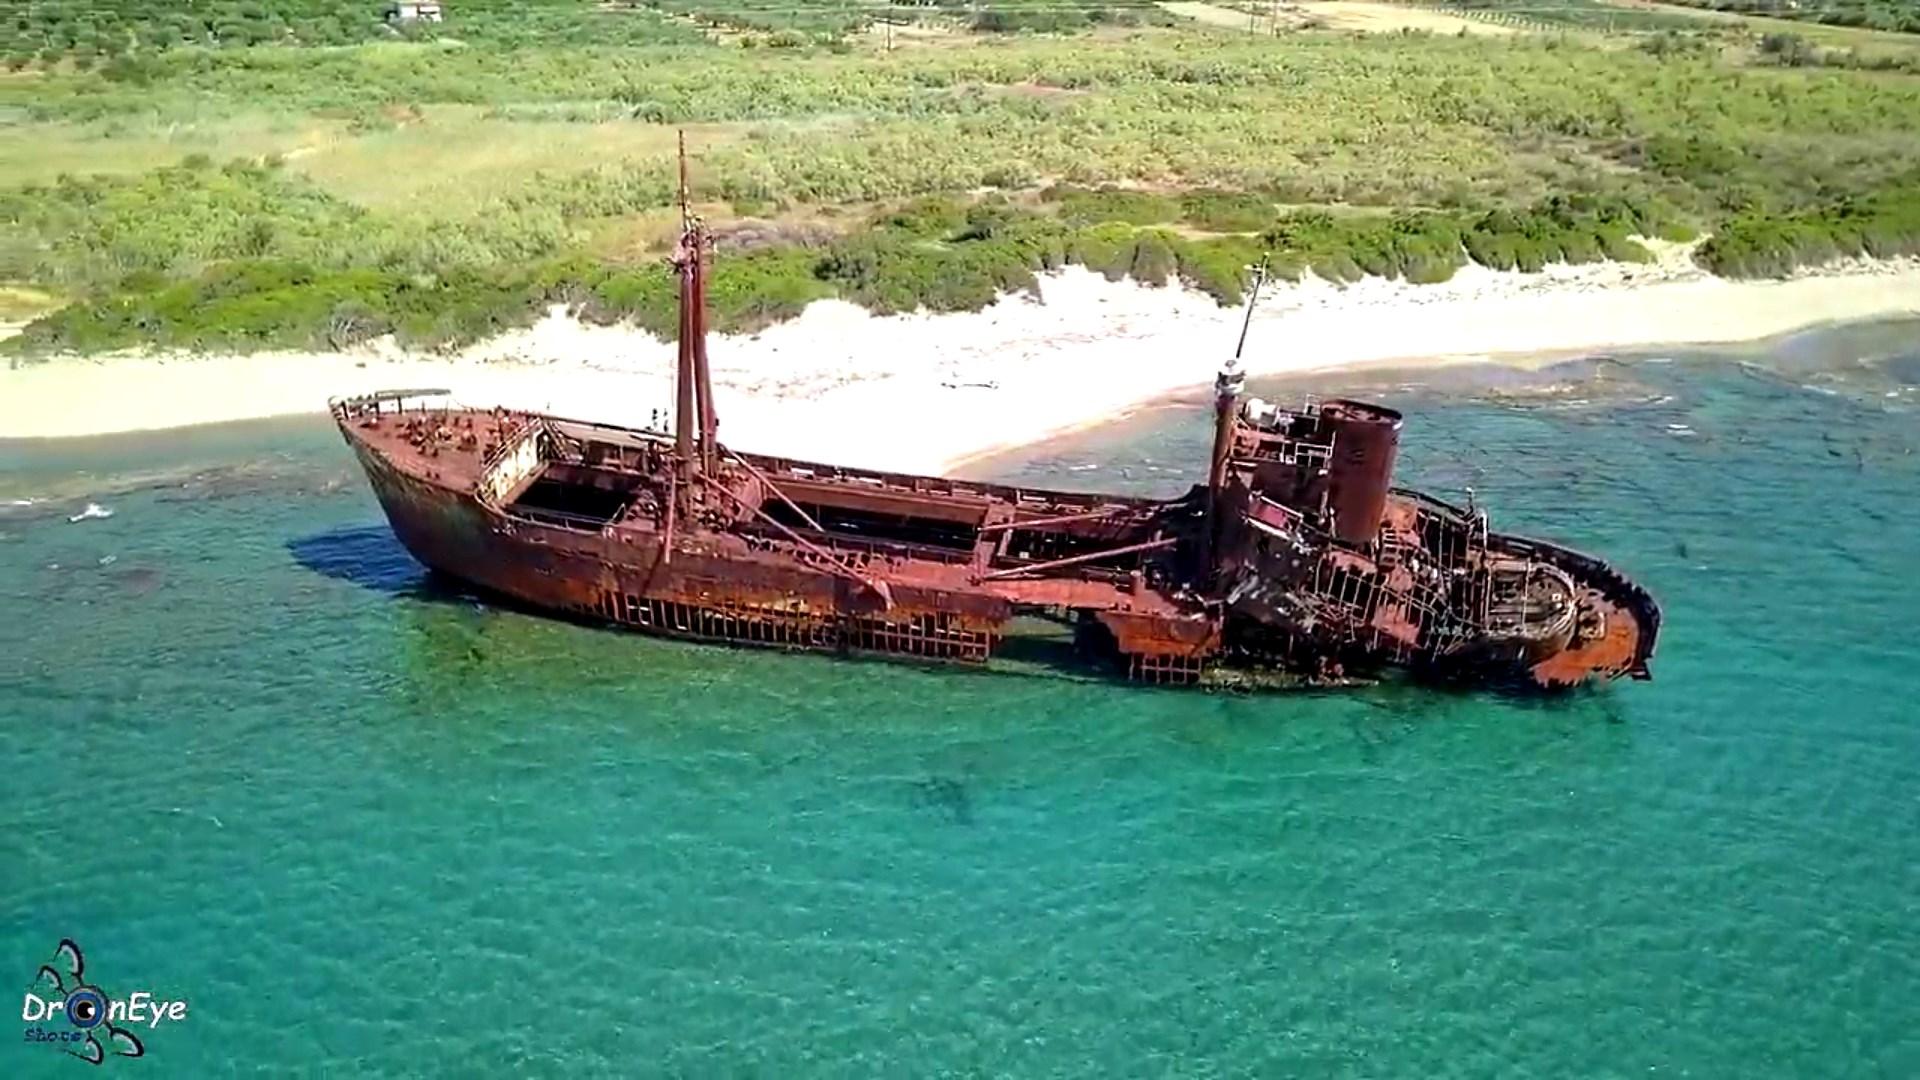 Ναυάγιο «Δημήτριος»: Το άγνωστο σε πολλούς αλλά επιβλητικό ναυάγιο στο Γύθειο. (video)